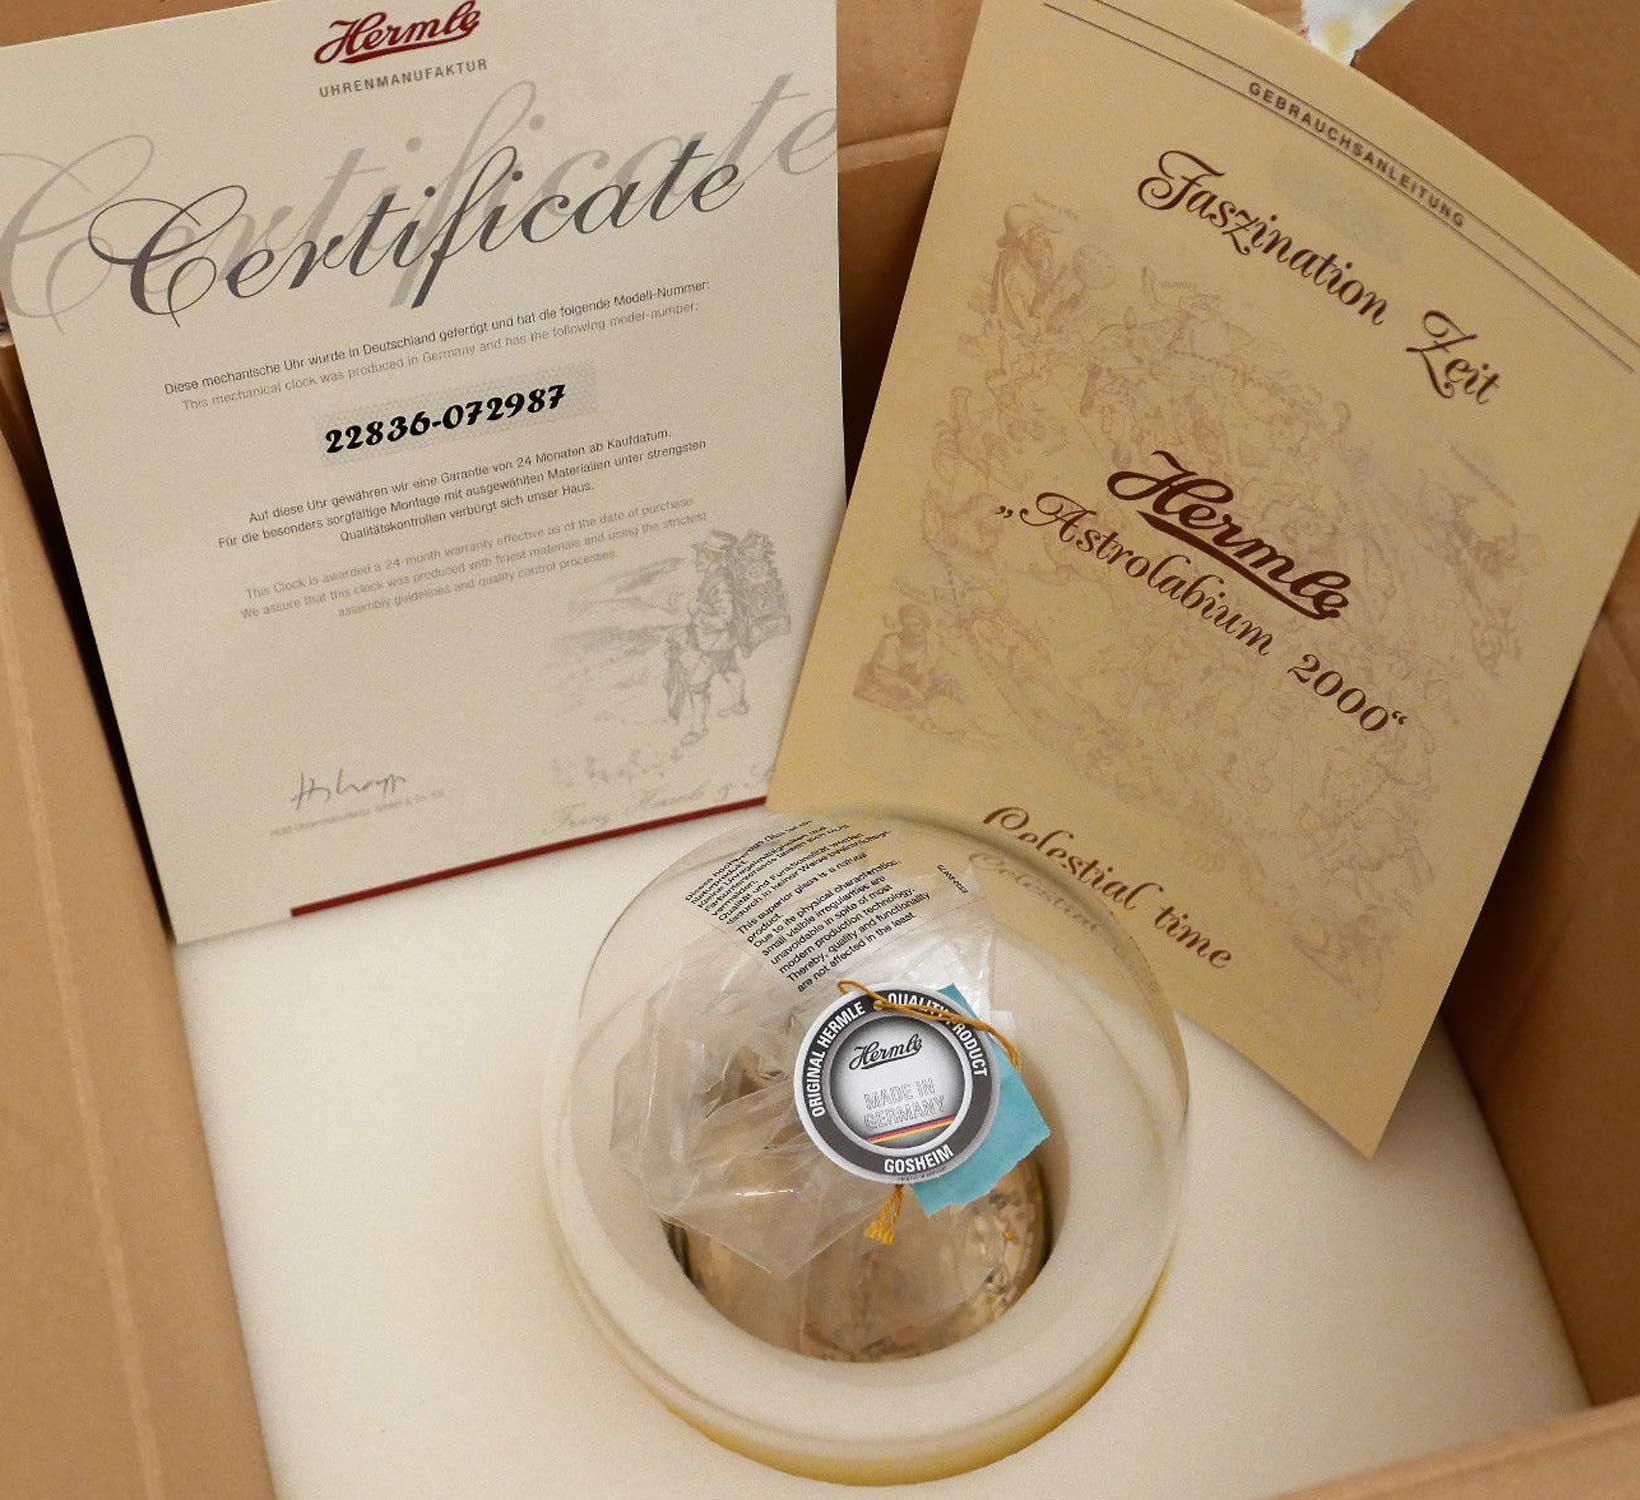 Arstalobium Certificate